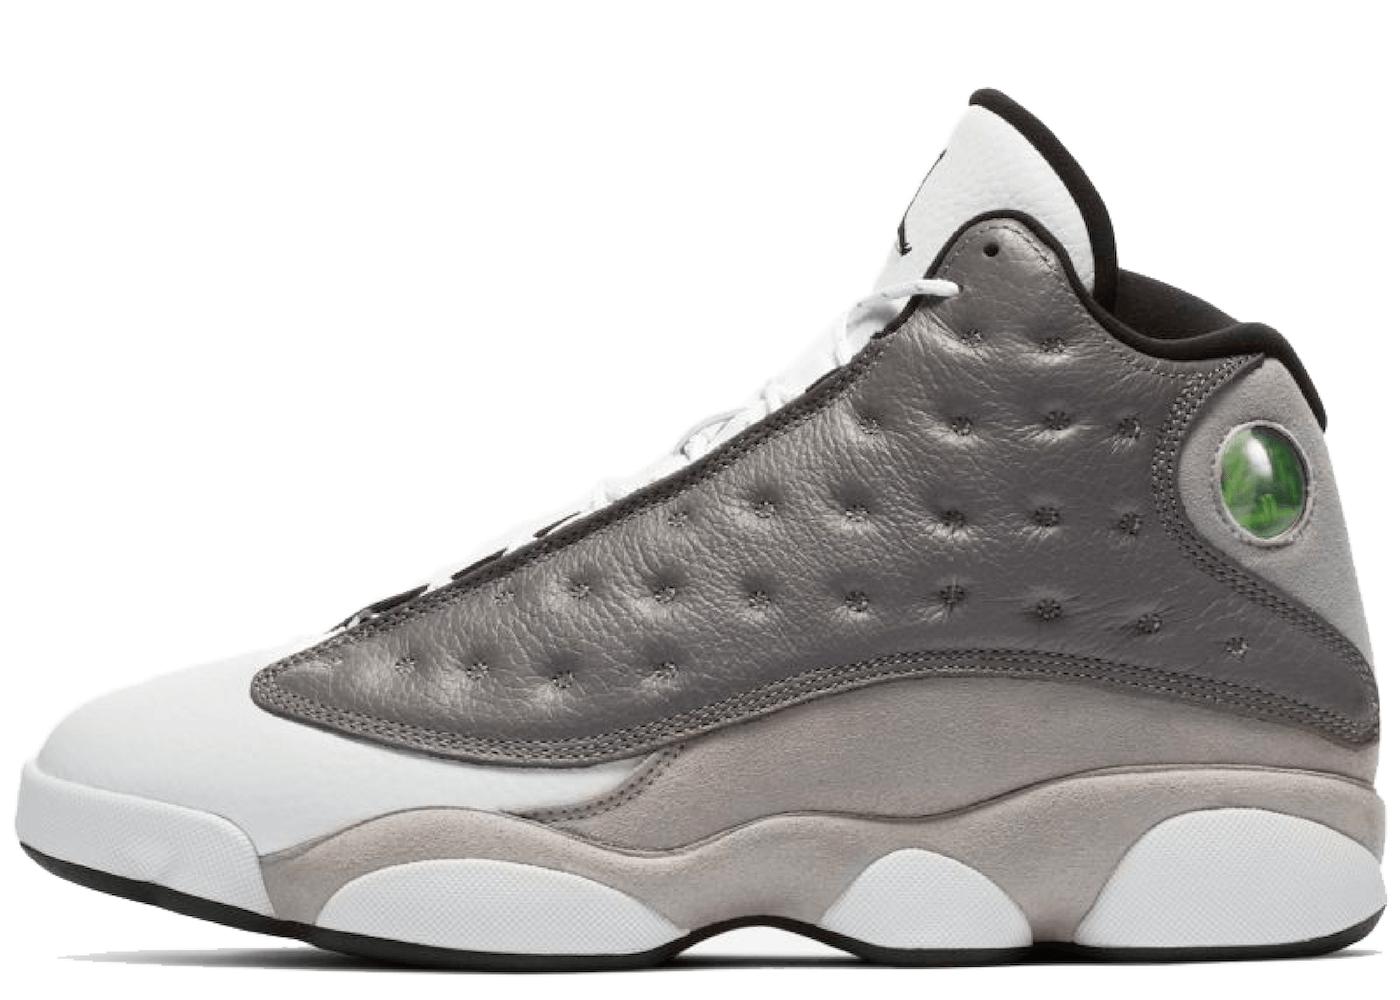 Nike Air Jordan 13 Atmosphere Greyの写真